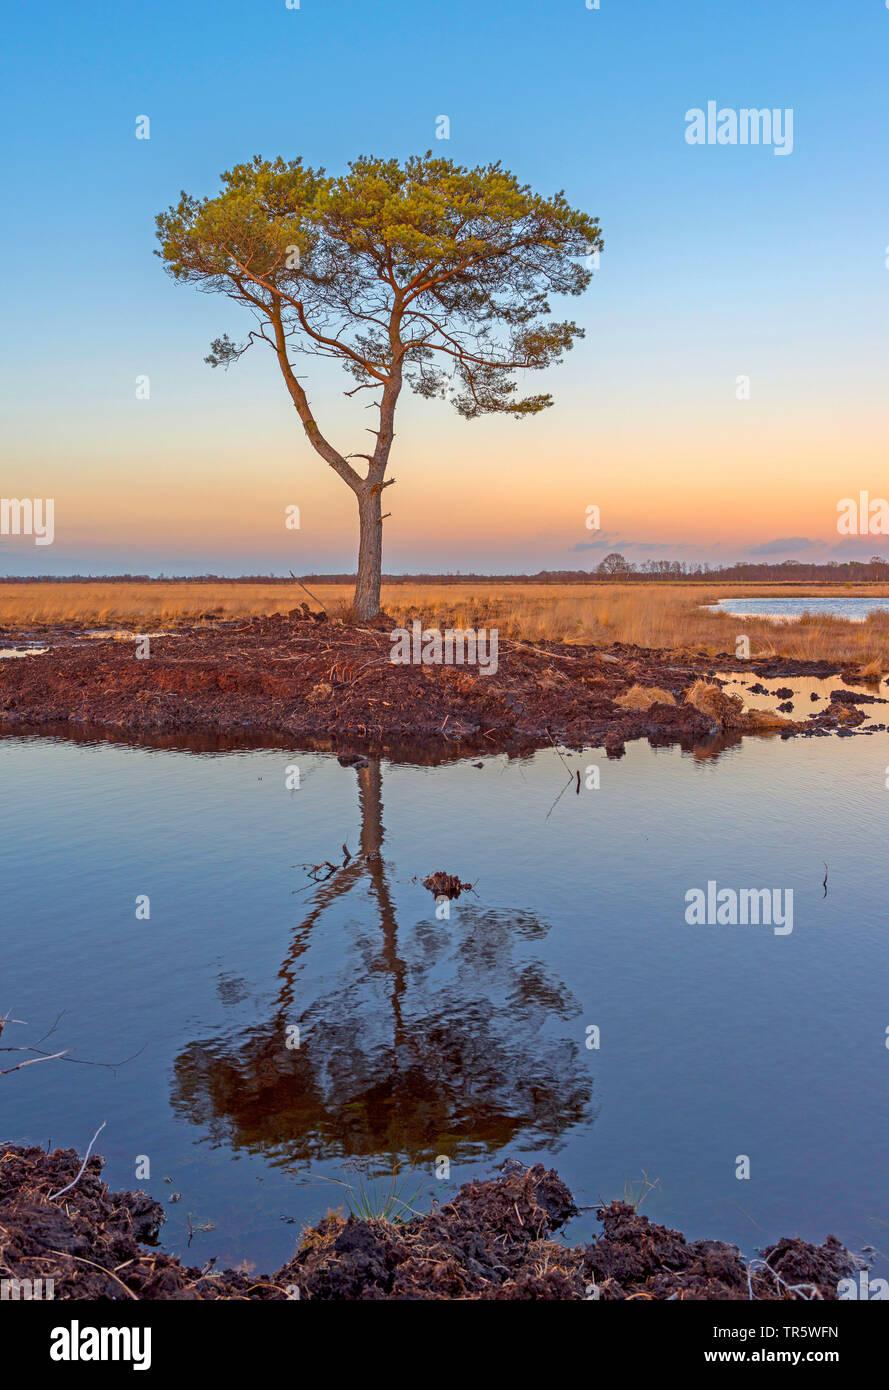 Foehre, Waldkiefer, Wald-Kiefer, Gemeine Kiefer (Pinus sylvestris), Kiefer im Teufelsmoor im Abendlicht, ein industriell abgetorftes Hochmoor. Wiederv Stockbild